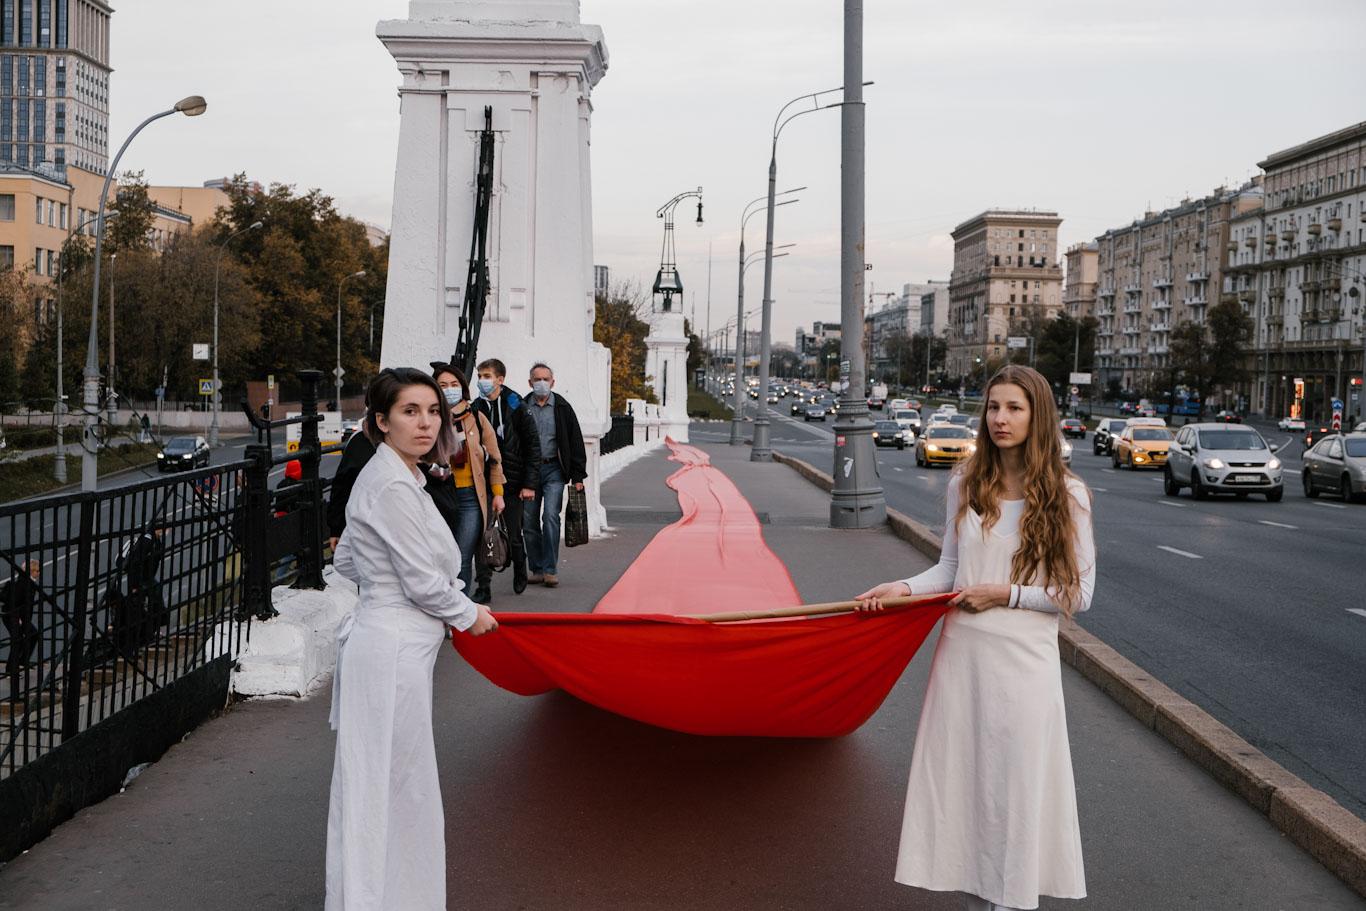 политическая акция, российские акционистки, художницы, Беларусь